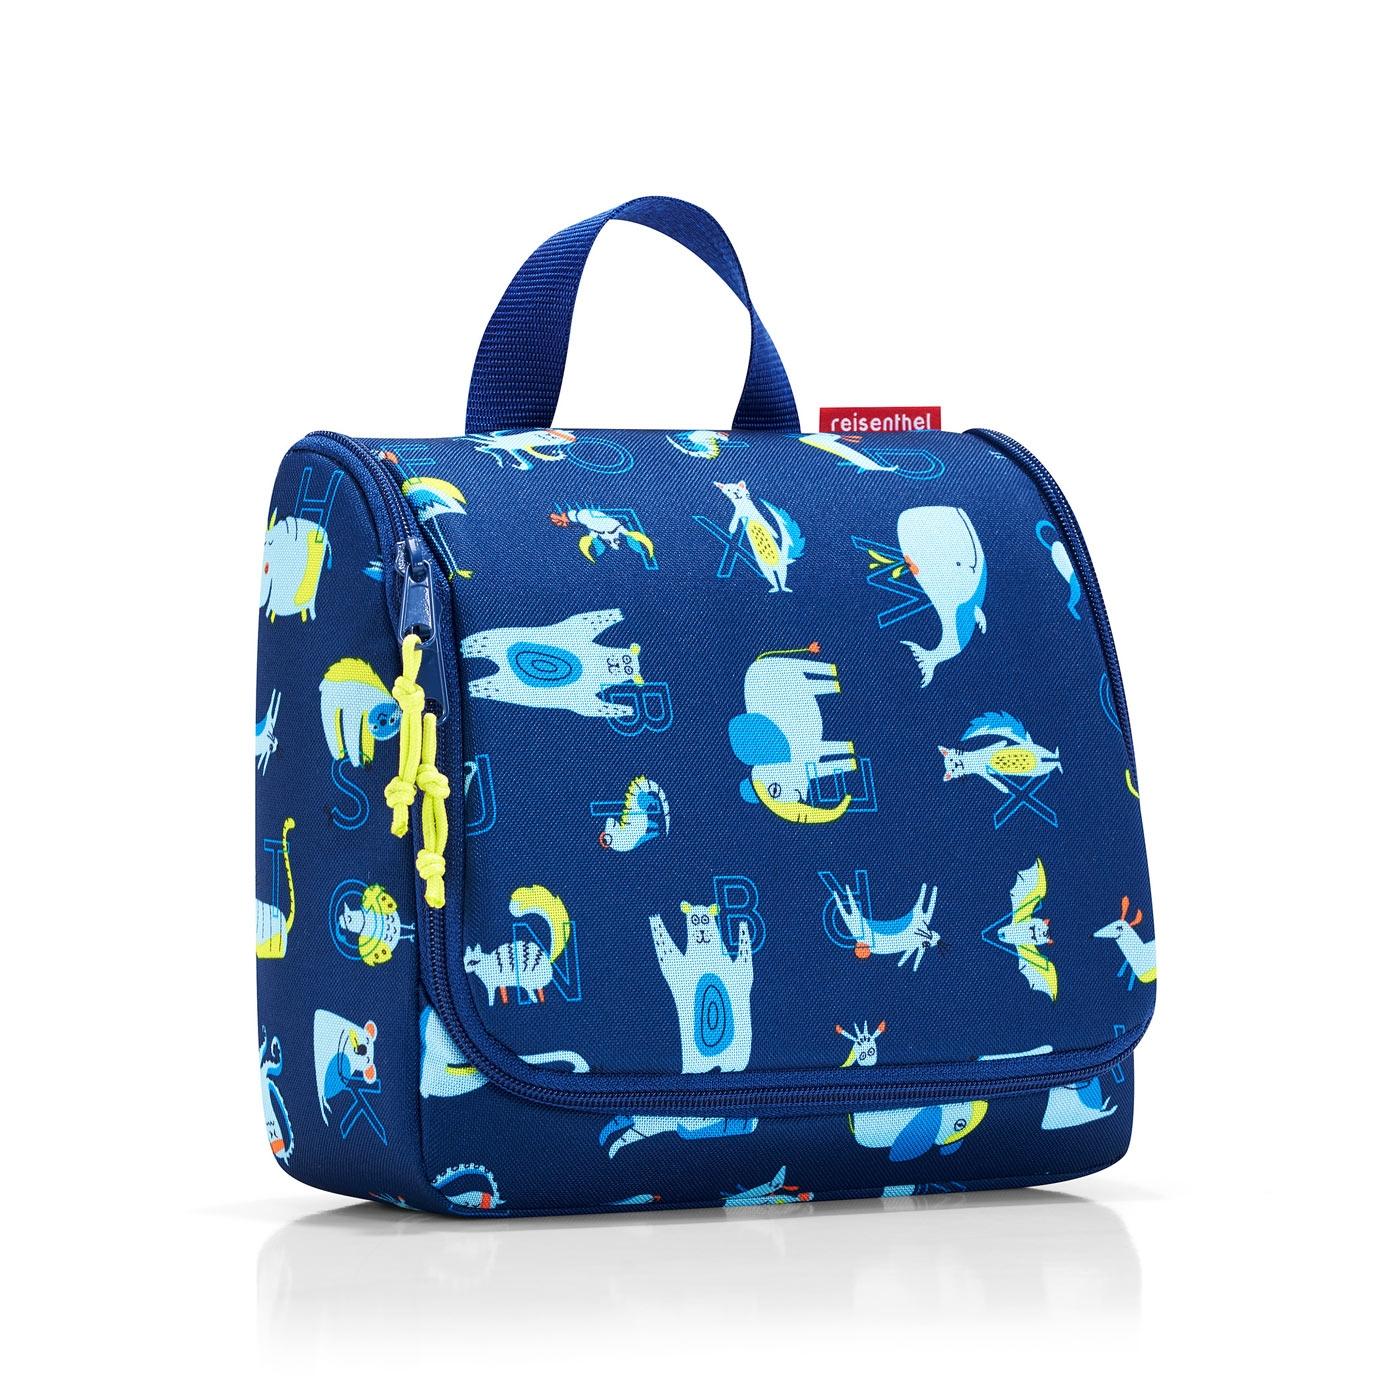 E-shop Reisenthel Toiletbag Kids Abc friends blue